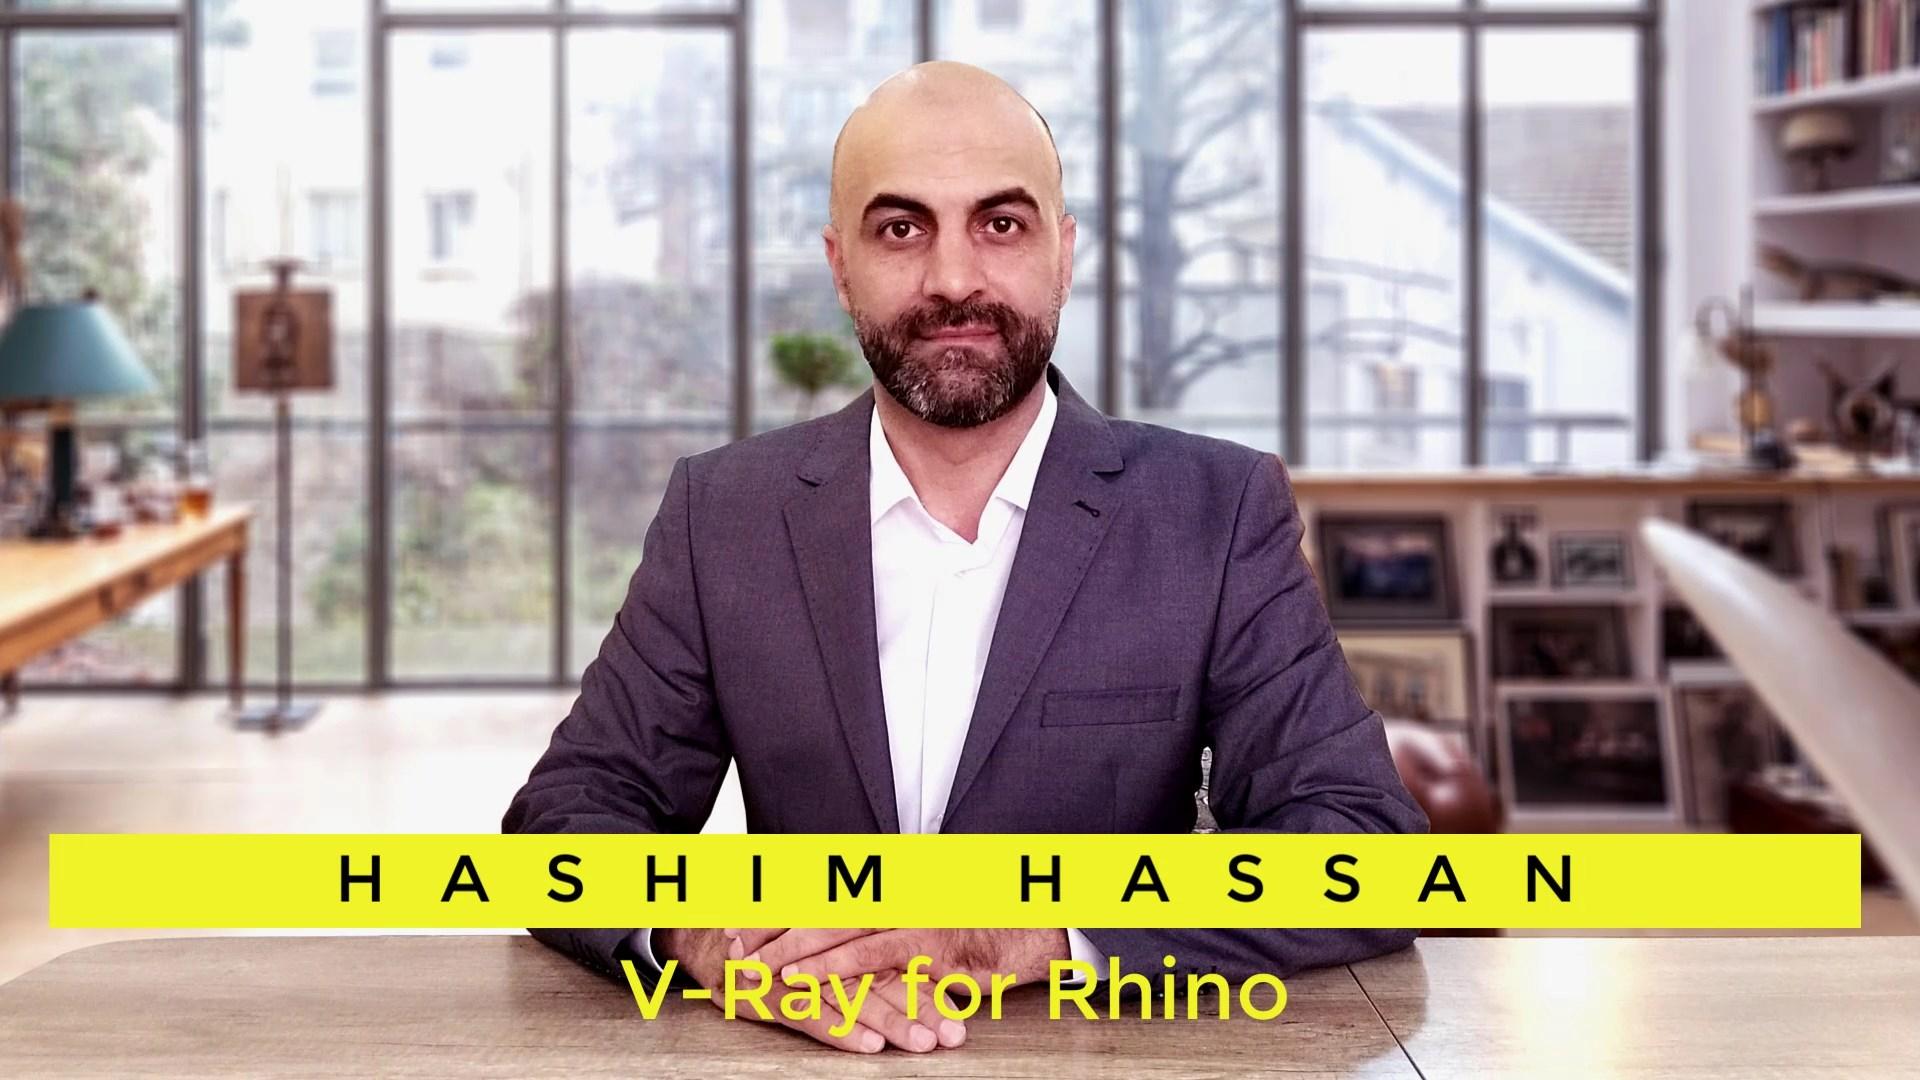 V-Ray for Rhino